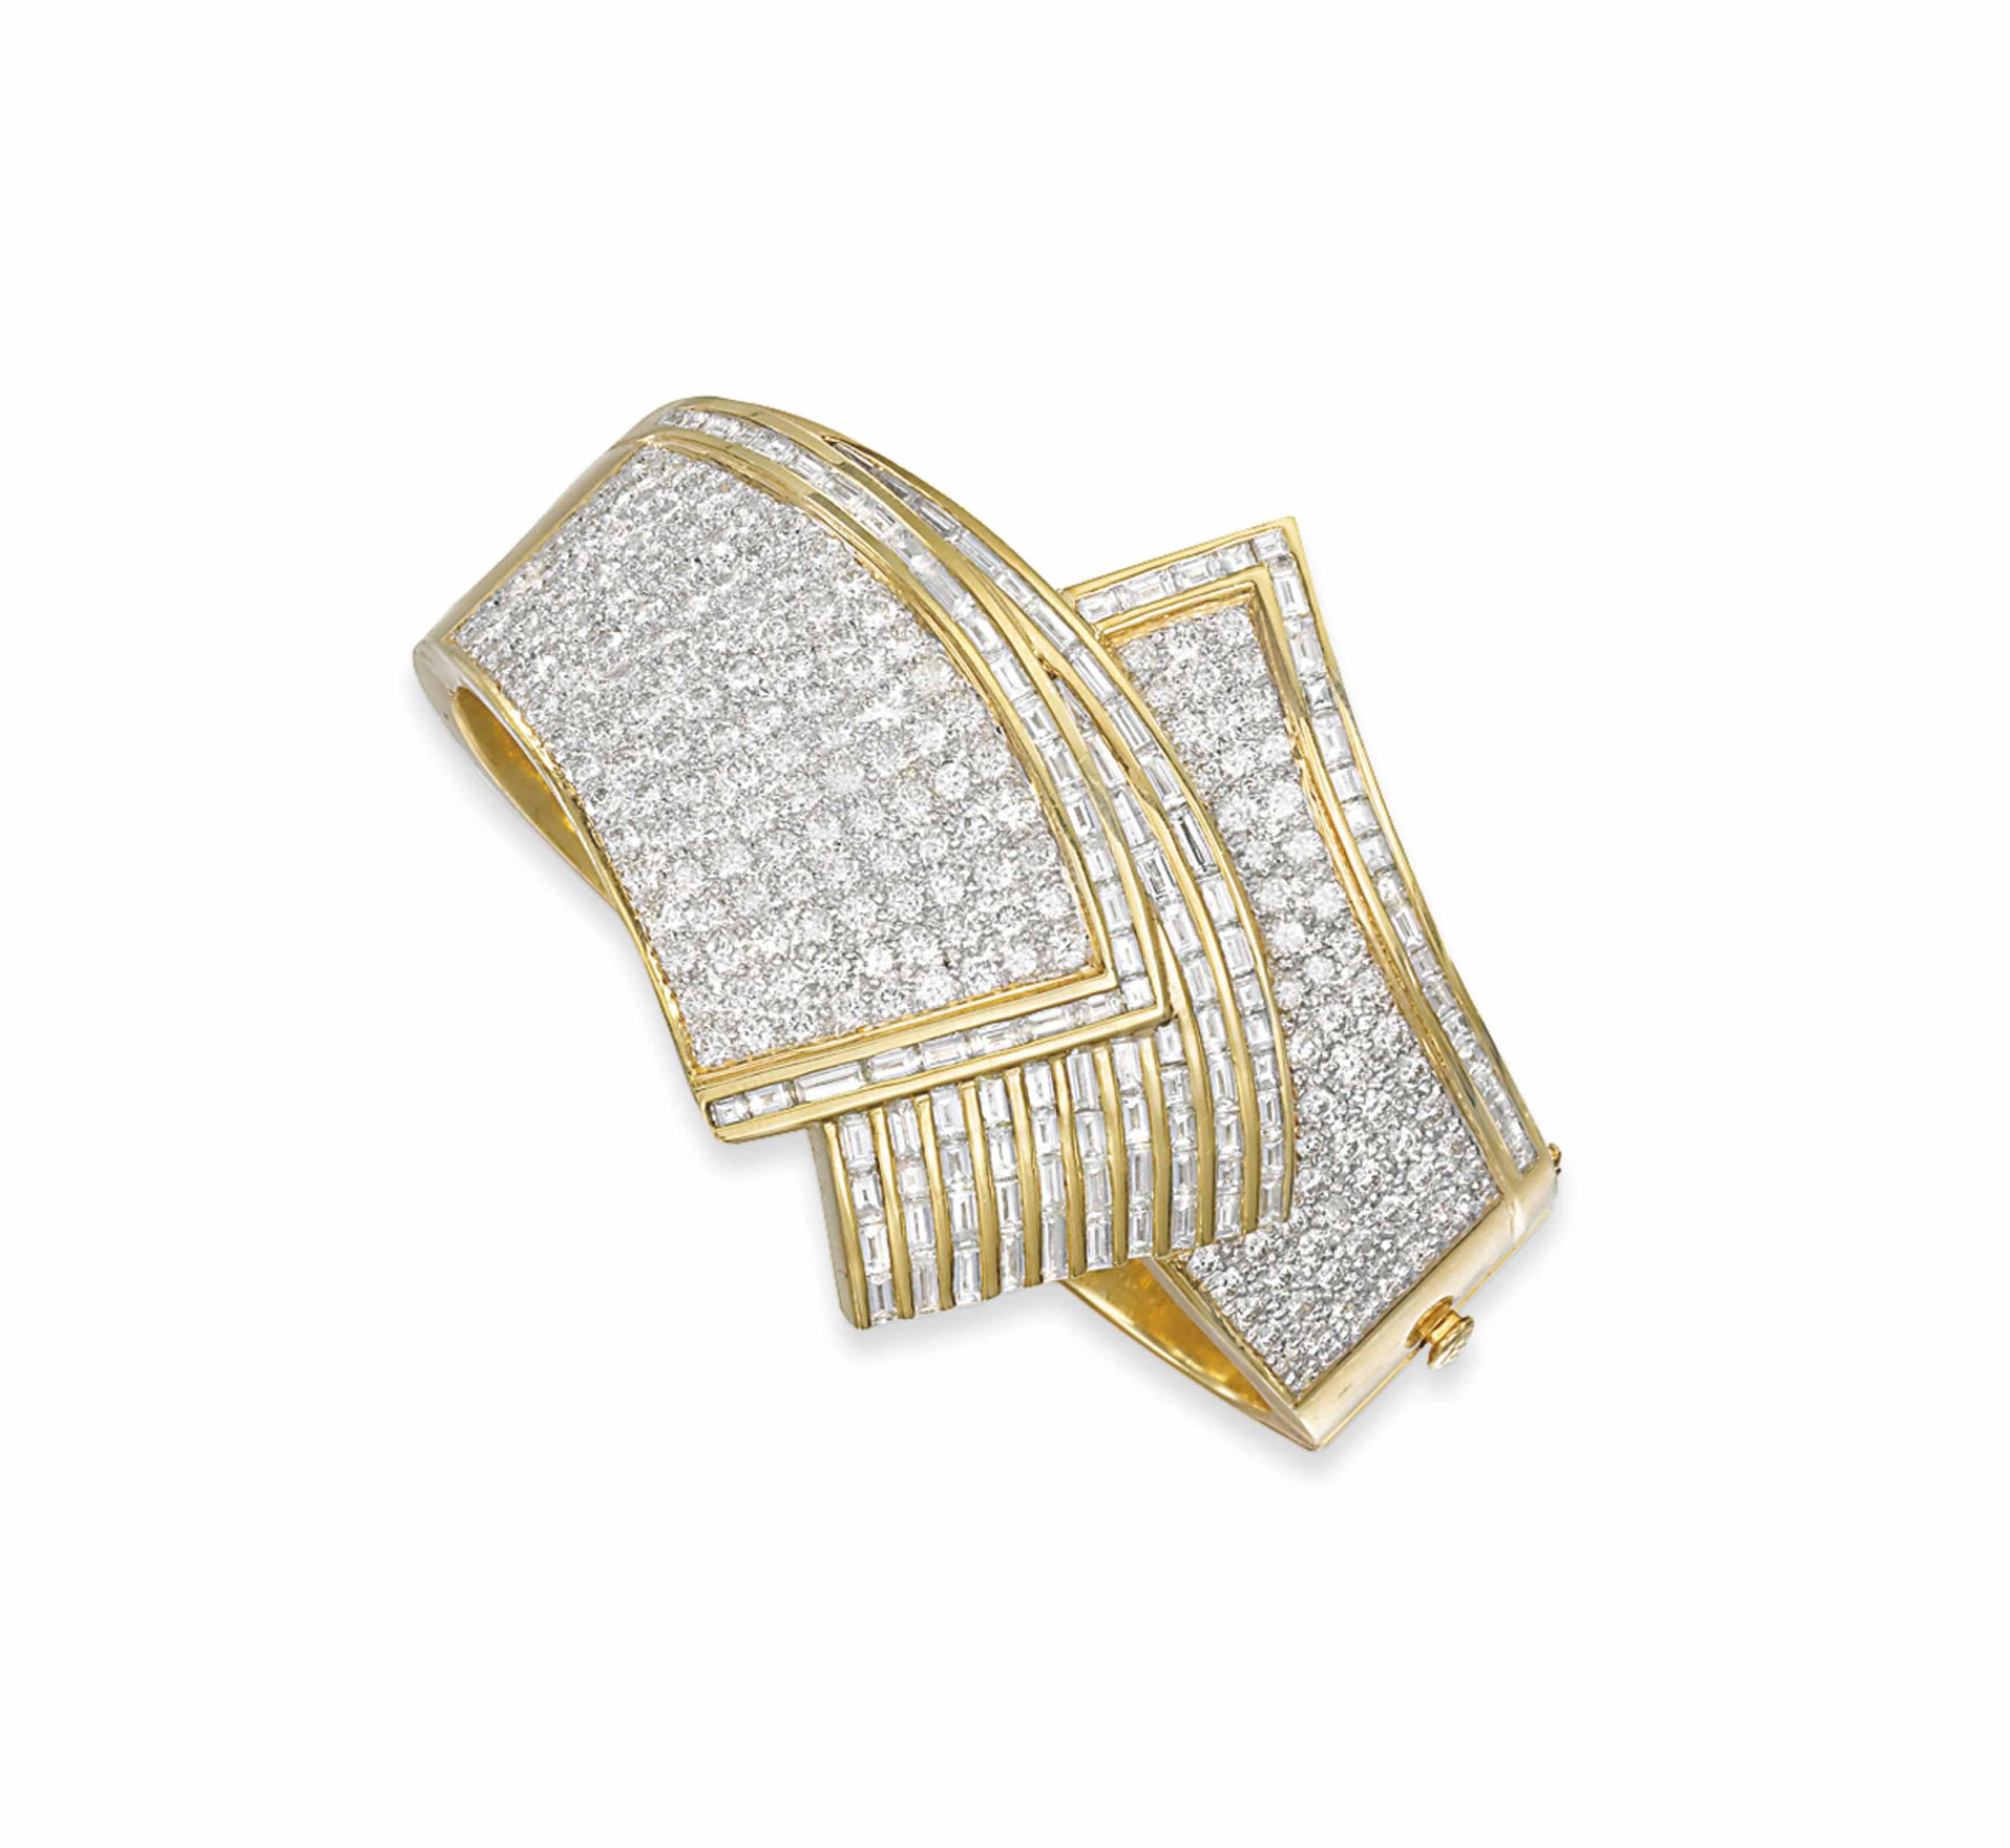 A DIAMOND CUFF BANGLE